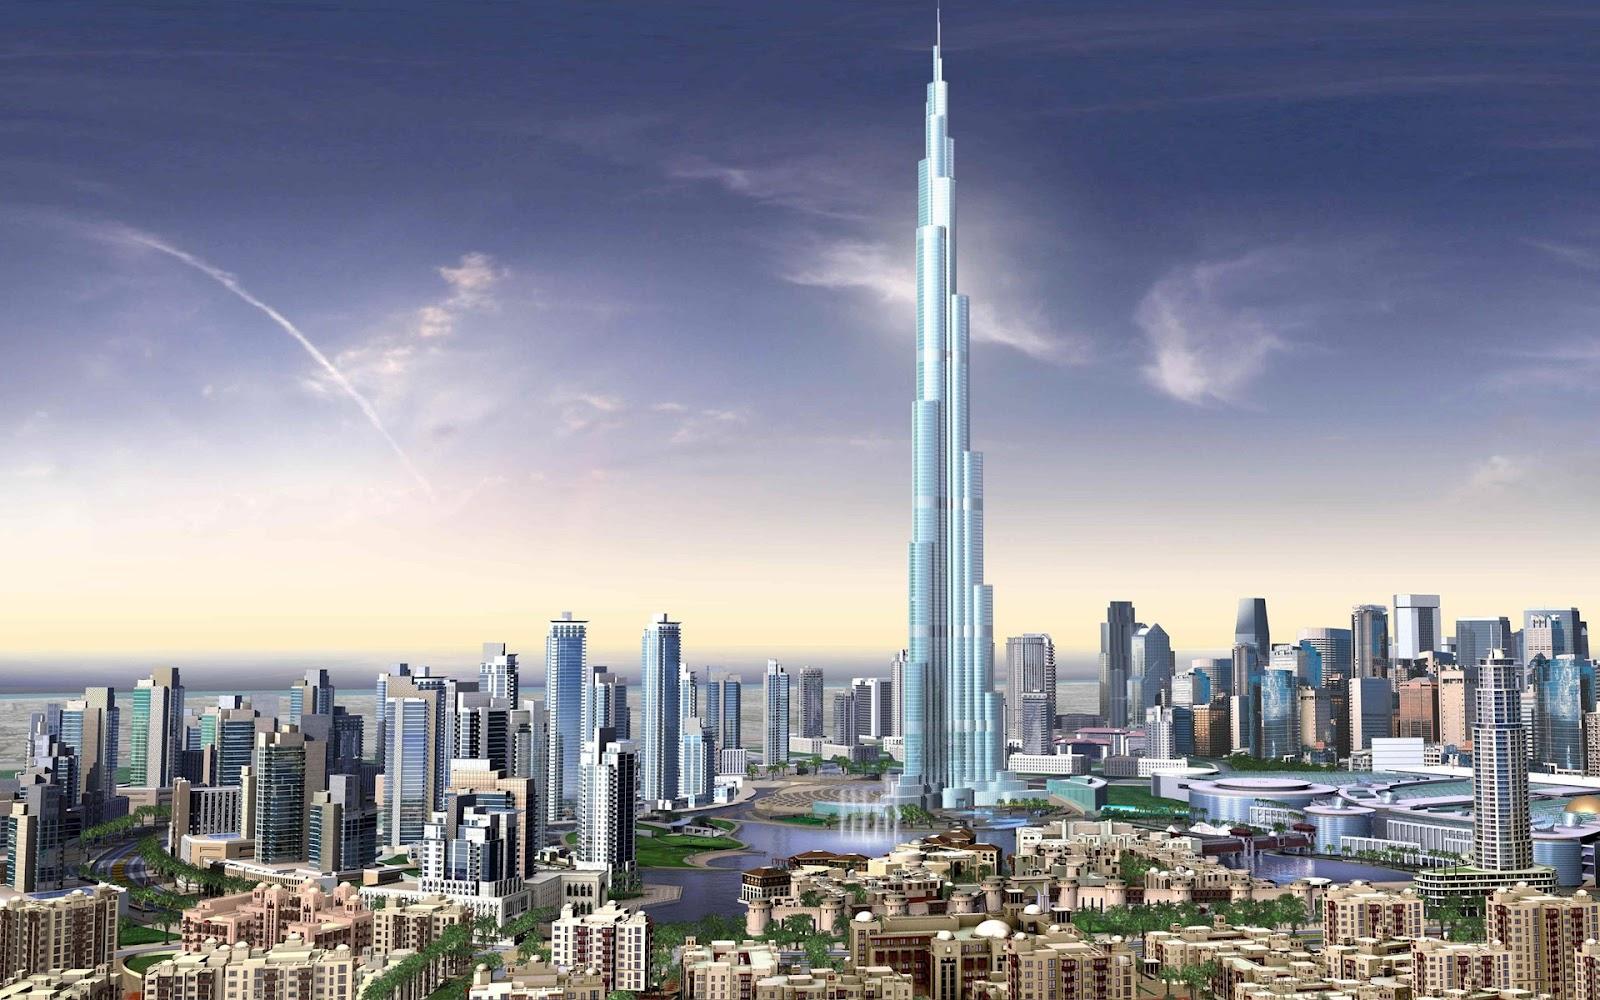 دبی یکی از زیباترین و پیشرفتهترین شهرهای جهان